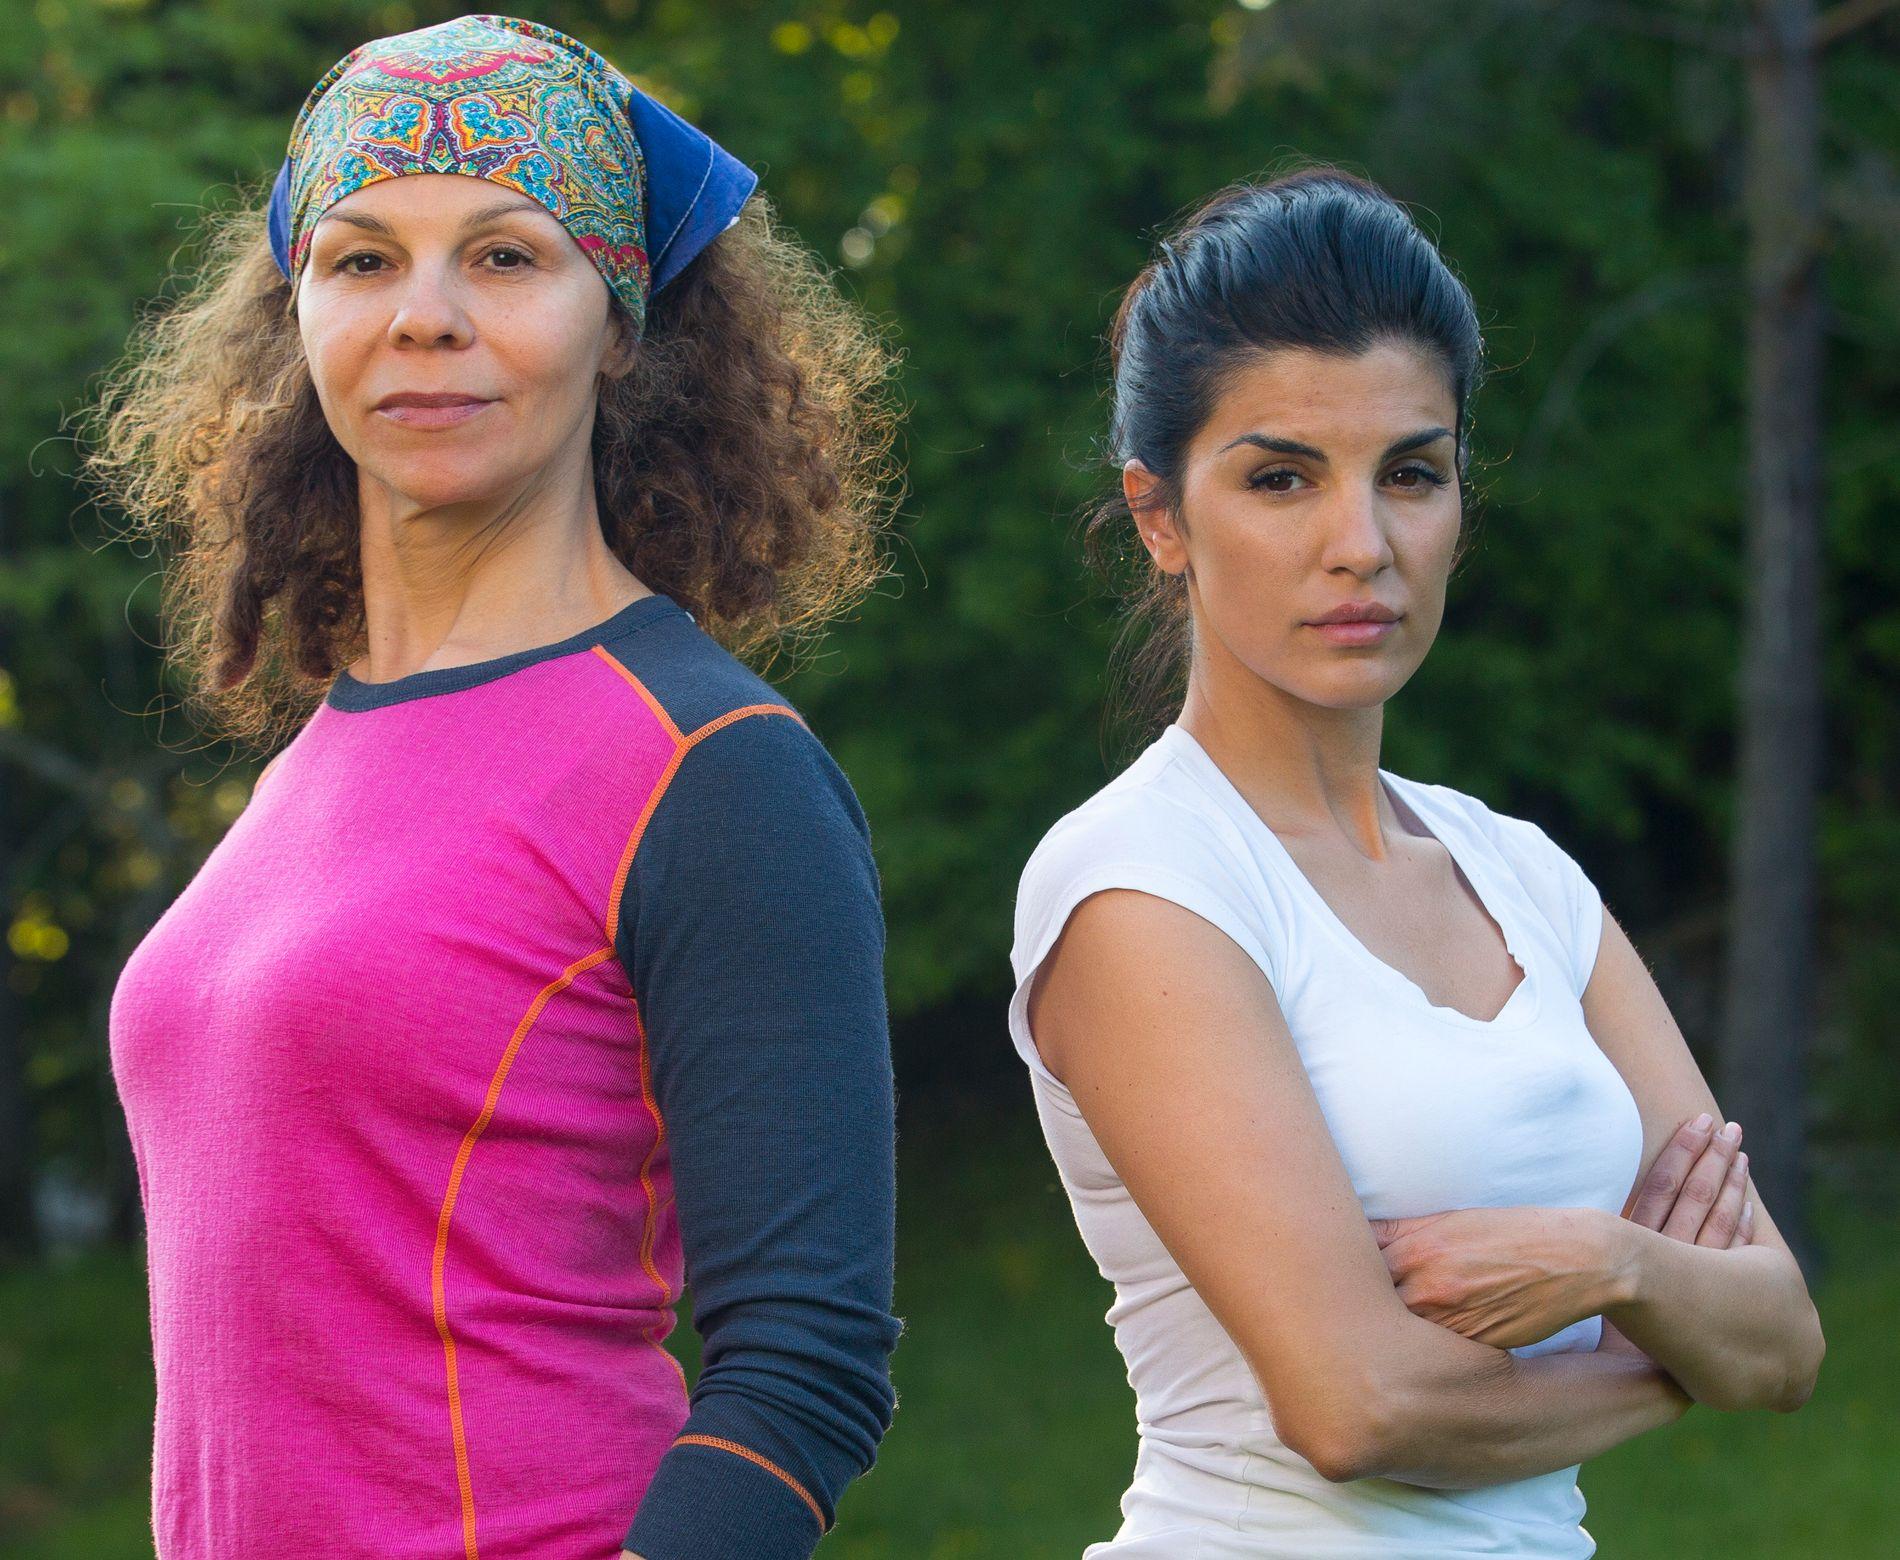 BITRE UVENNER: Kari Jaquesson og Aylar Lie, her før den dramatiske tvekampen søndag.